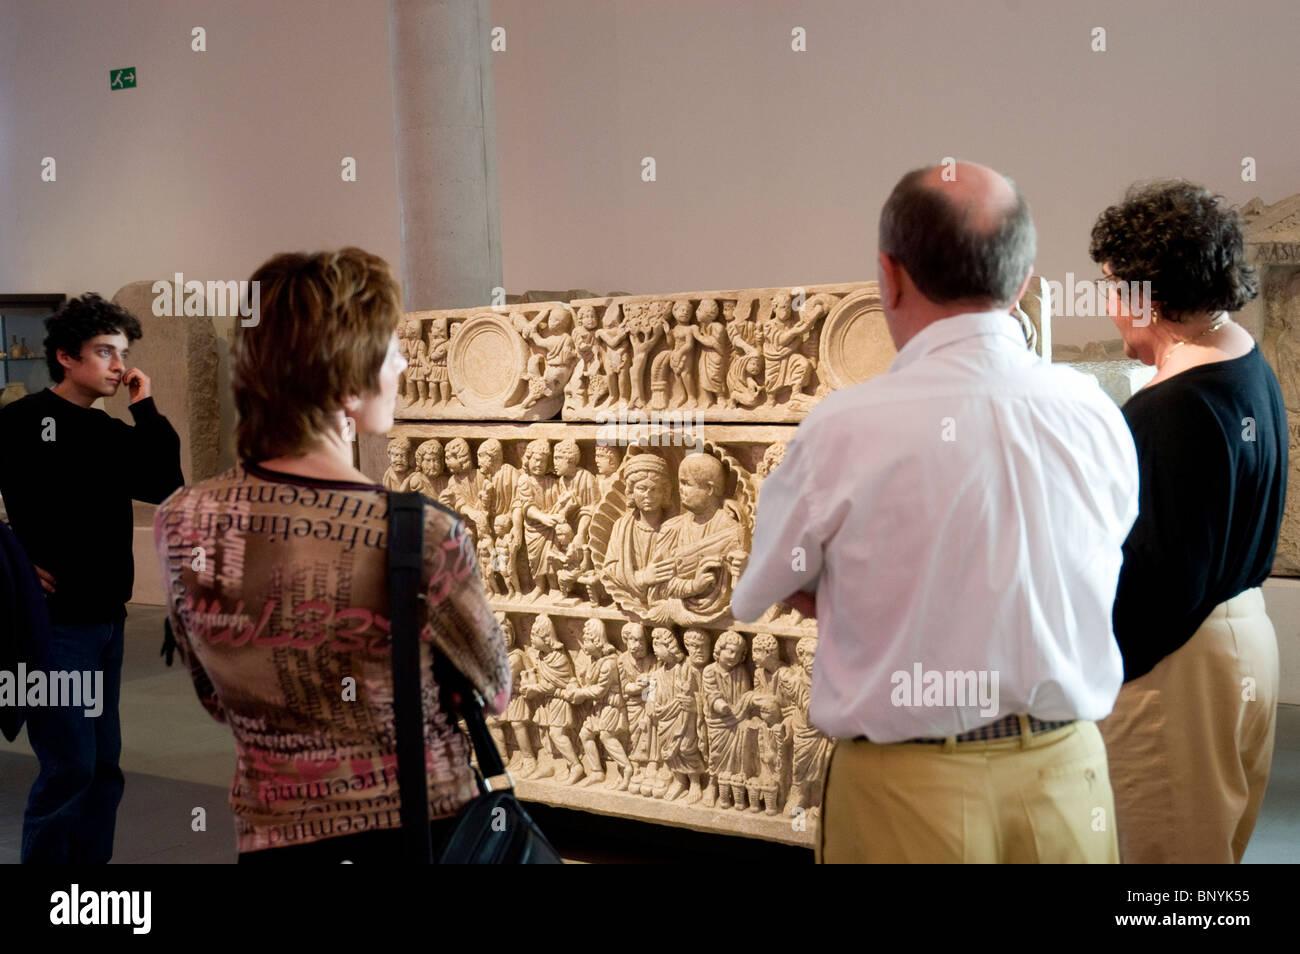 Gruppo di turisti in visita a Arles Museo Archeologico, Tour guida per spiegare gli oggetti su Display, funerali Immagini Stock